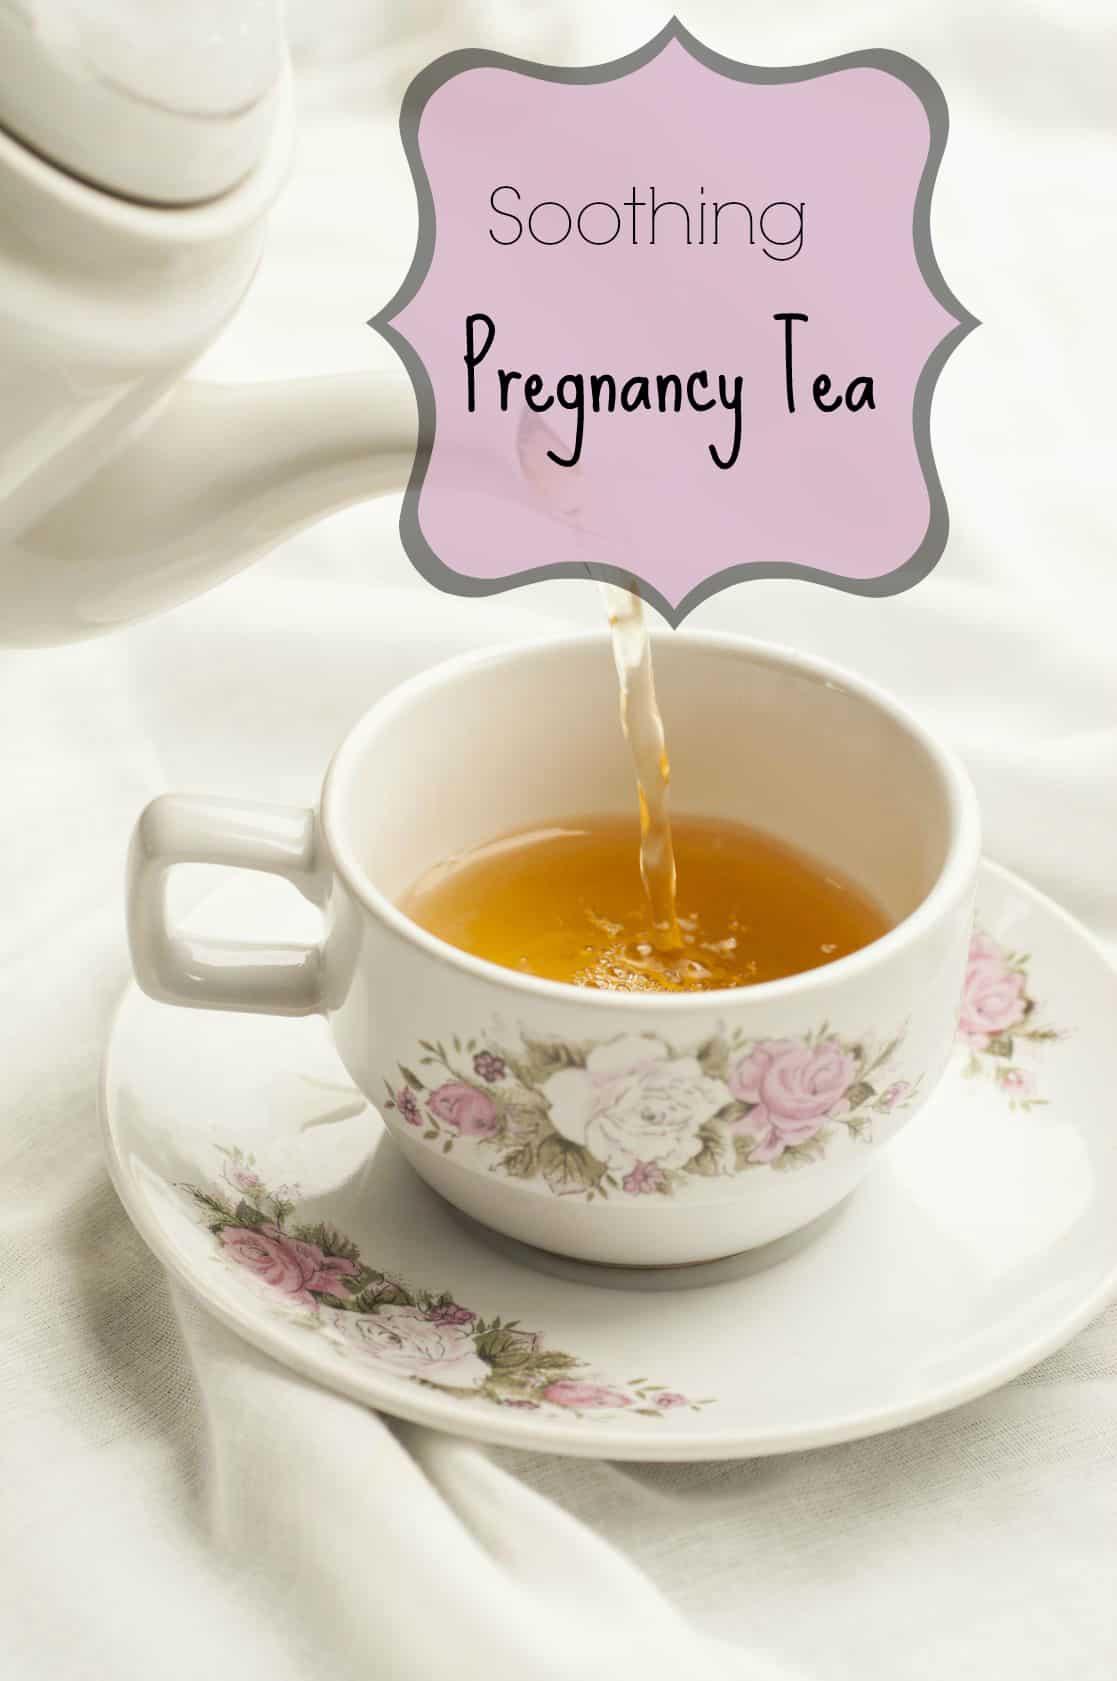 Soothing pregnancy tea